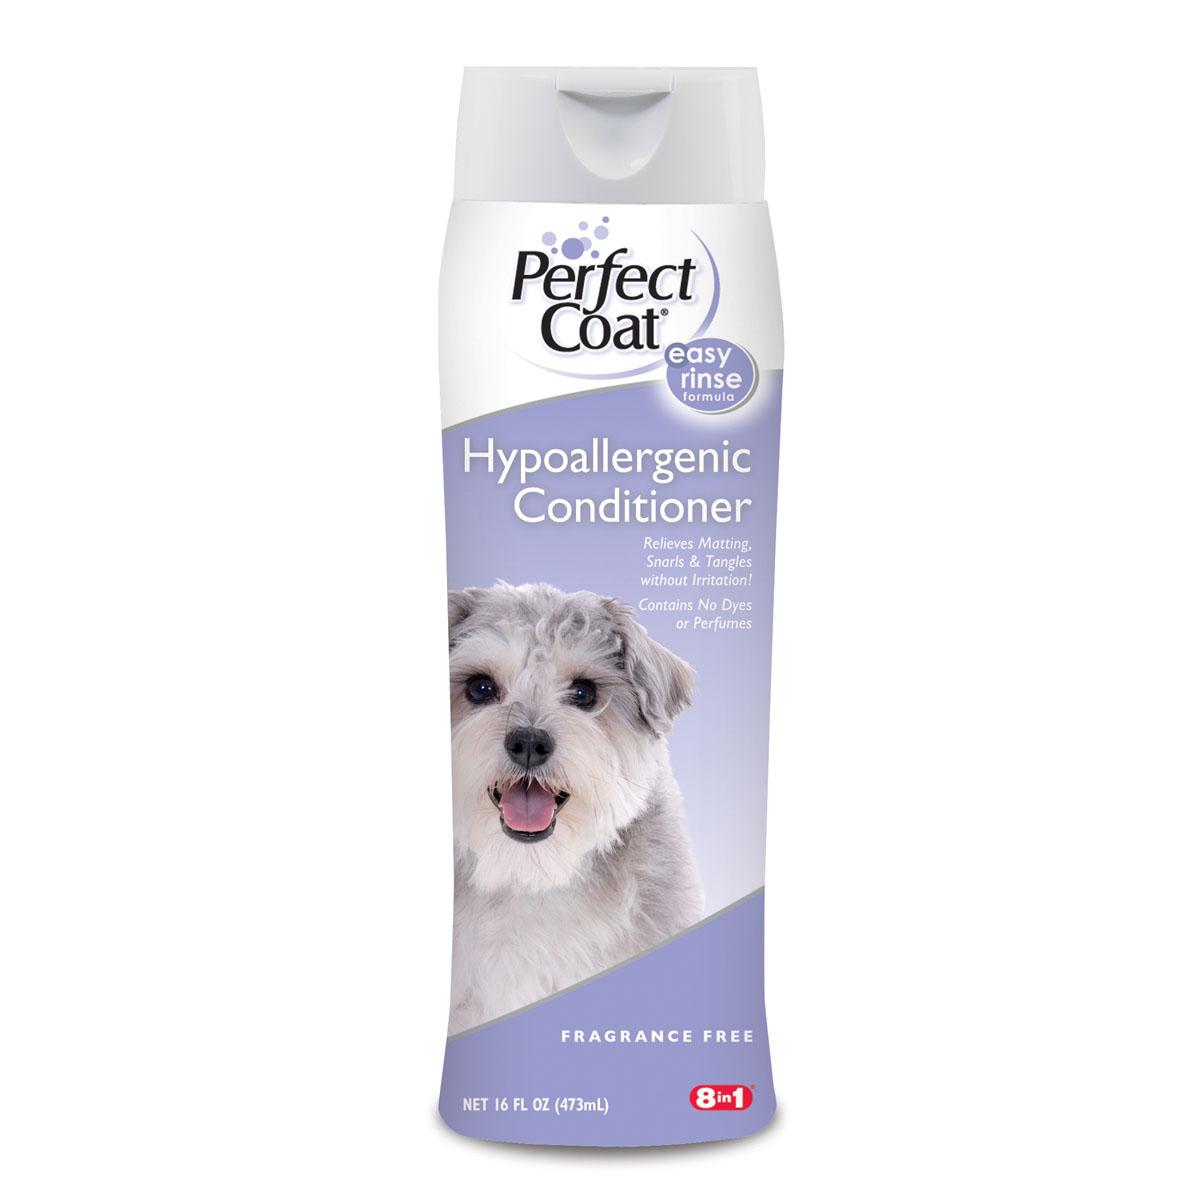 Кондиционер-ополаскиватель для собак 8 in1 Hypoallergenic, гипоаллергенный, 473 мл1827184Гипоаллергенный кондиционер-ополаскиватель для собак 8 in1 Hypoallergenic не содержит ароматизаторов и включает технологию Aller-Free, денатурирующую белки, вызывающие аллергию. Кондиционер нейтрализует перхоть и другие раздражающие факторы, не нарушая чувствительности кожи. Обогащен алоэ-вера для придания шерсти мягкости и блеска. Легкосмываемая формула не содержит избыточных масел.Товар сертифицирован.